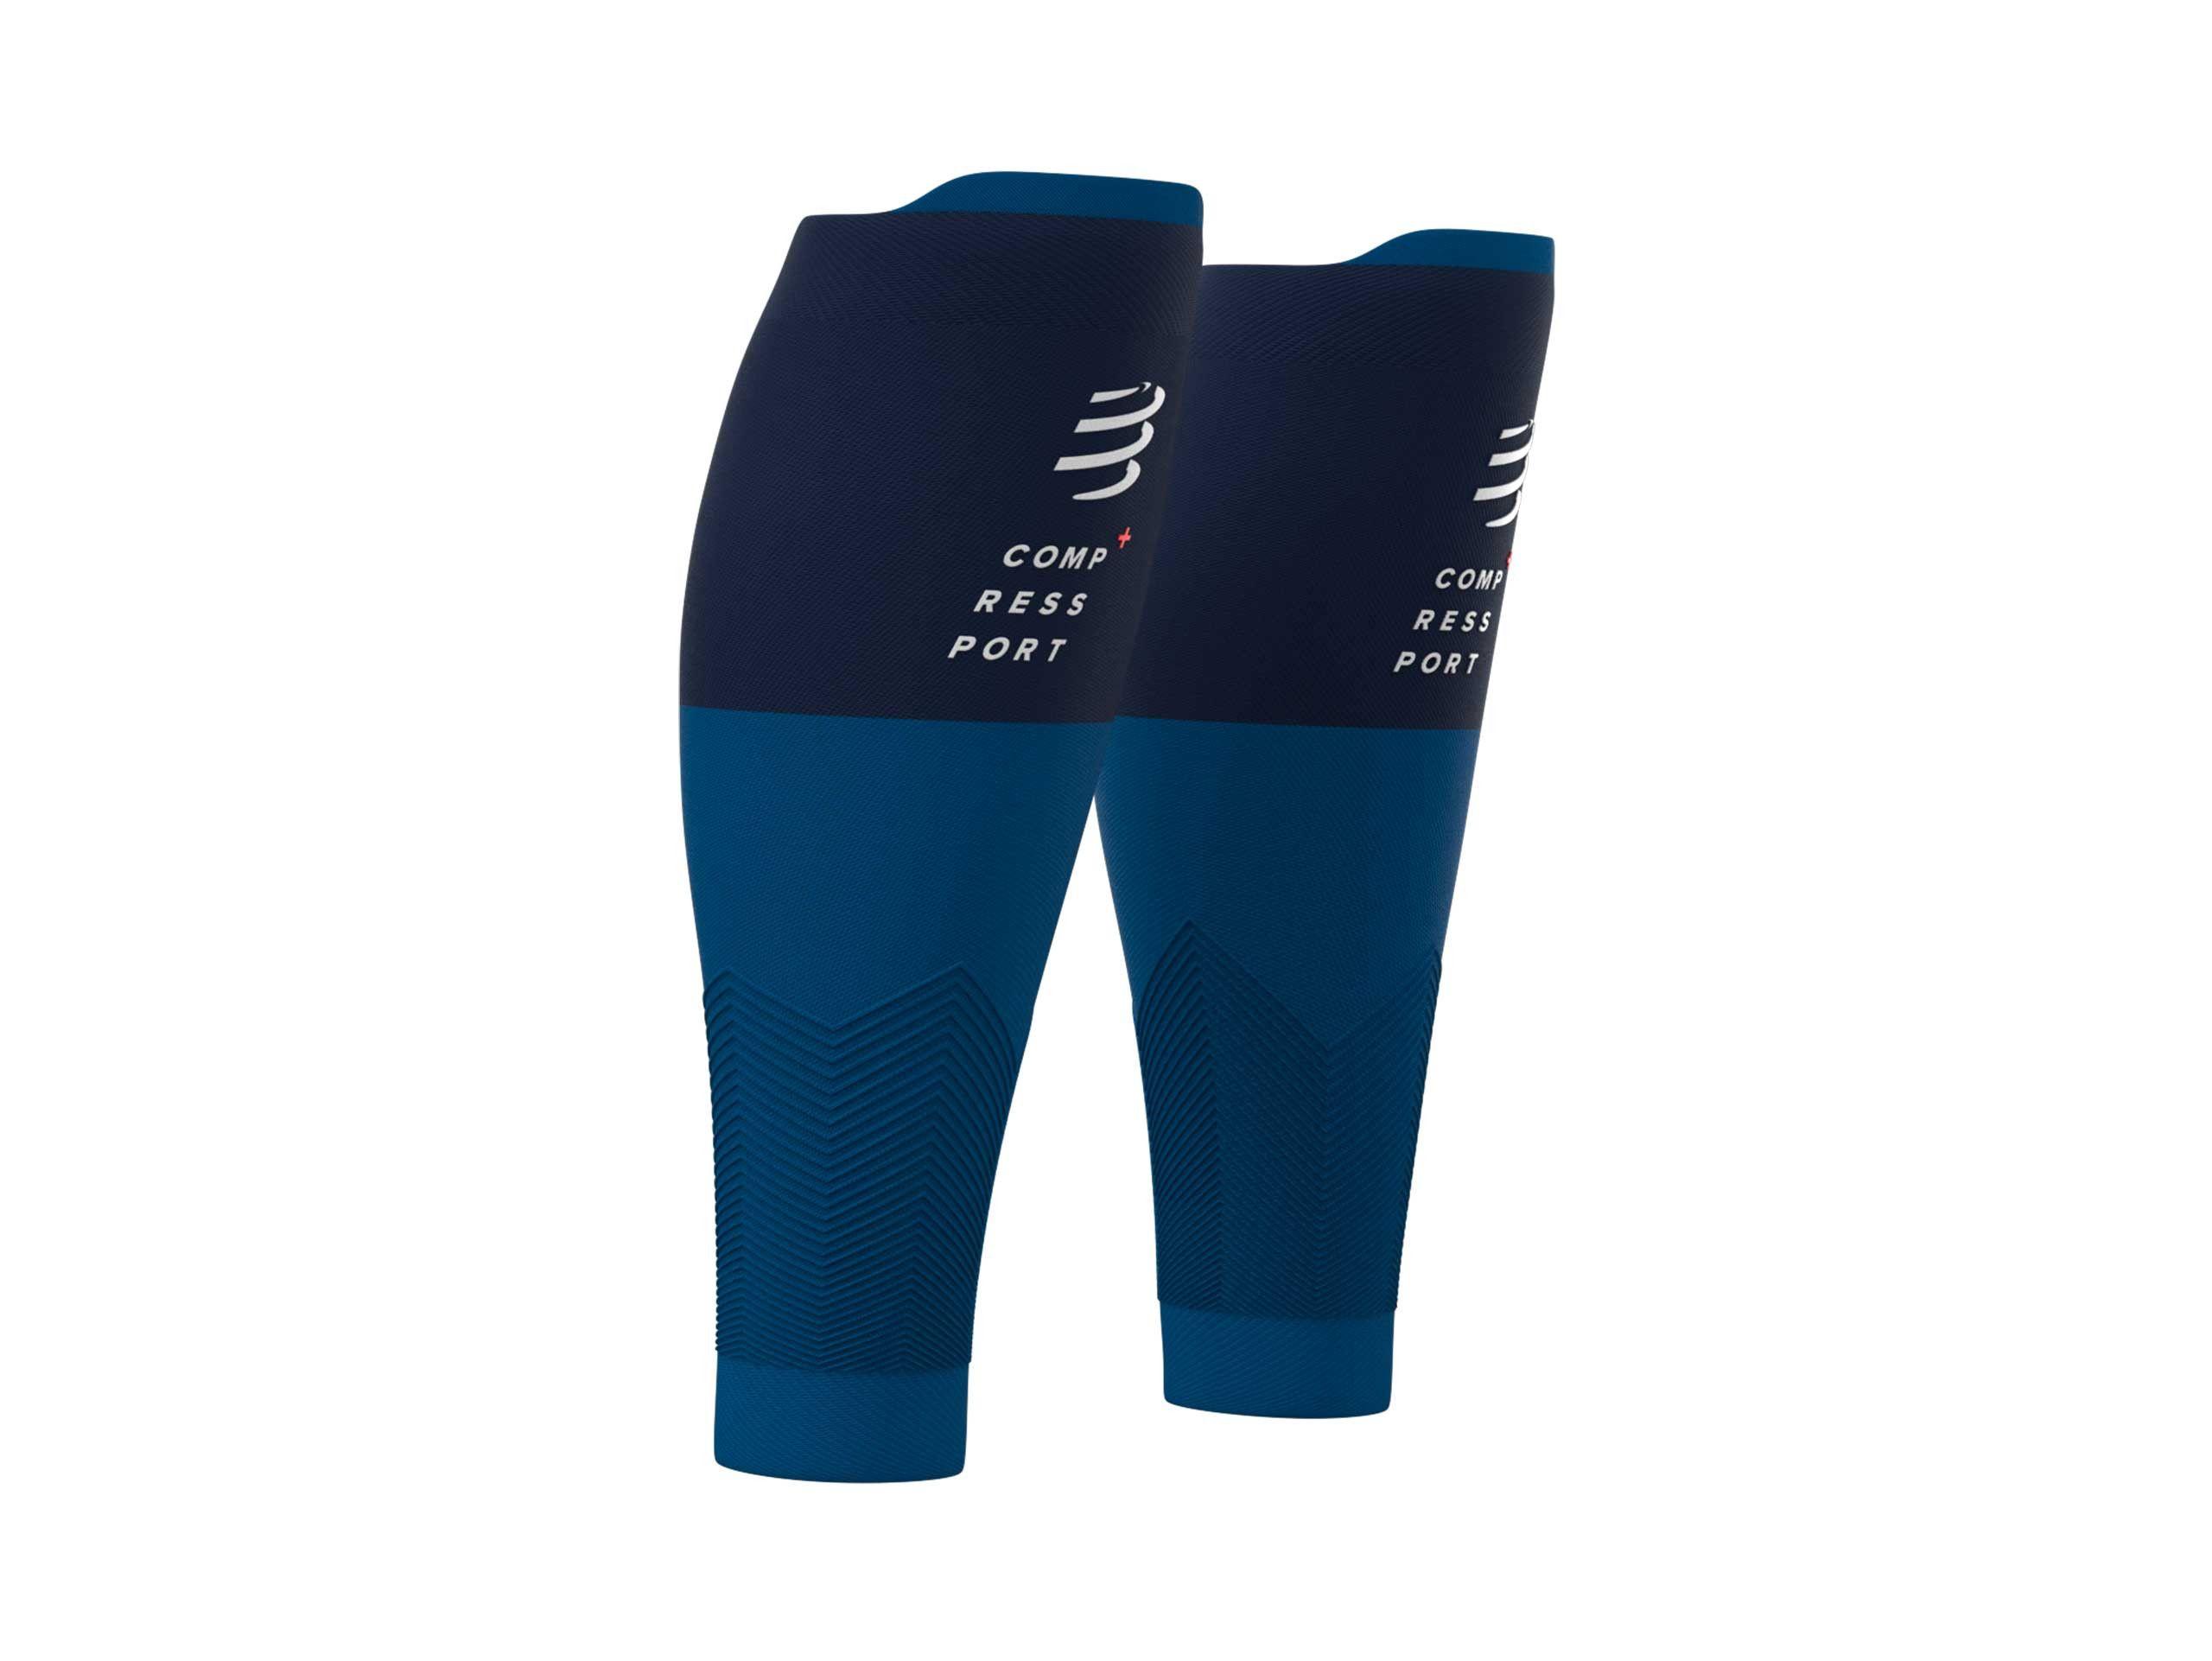 R2v2 manchon compression bleu